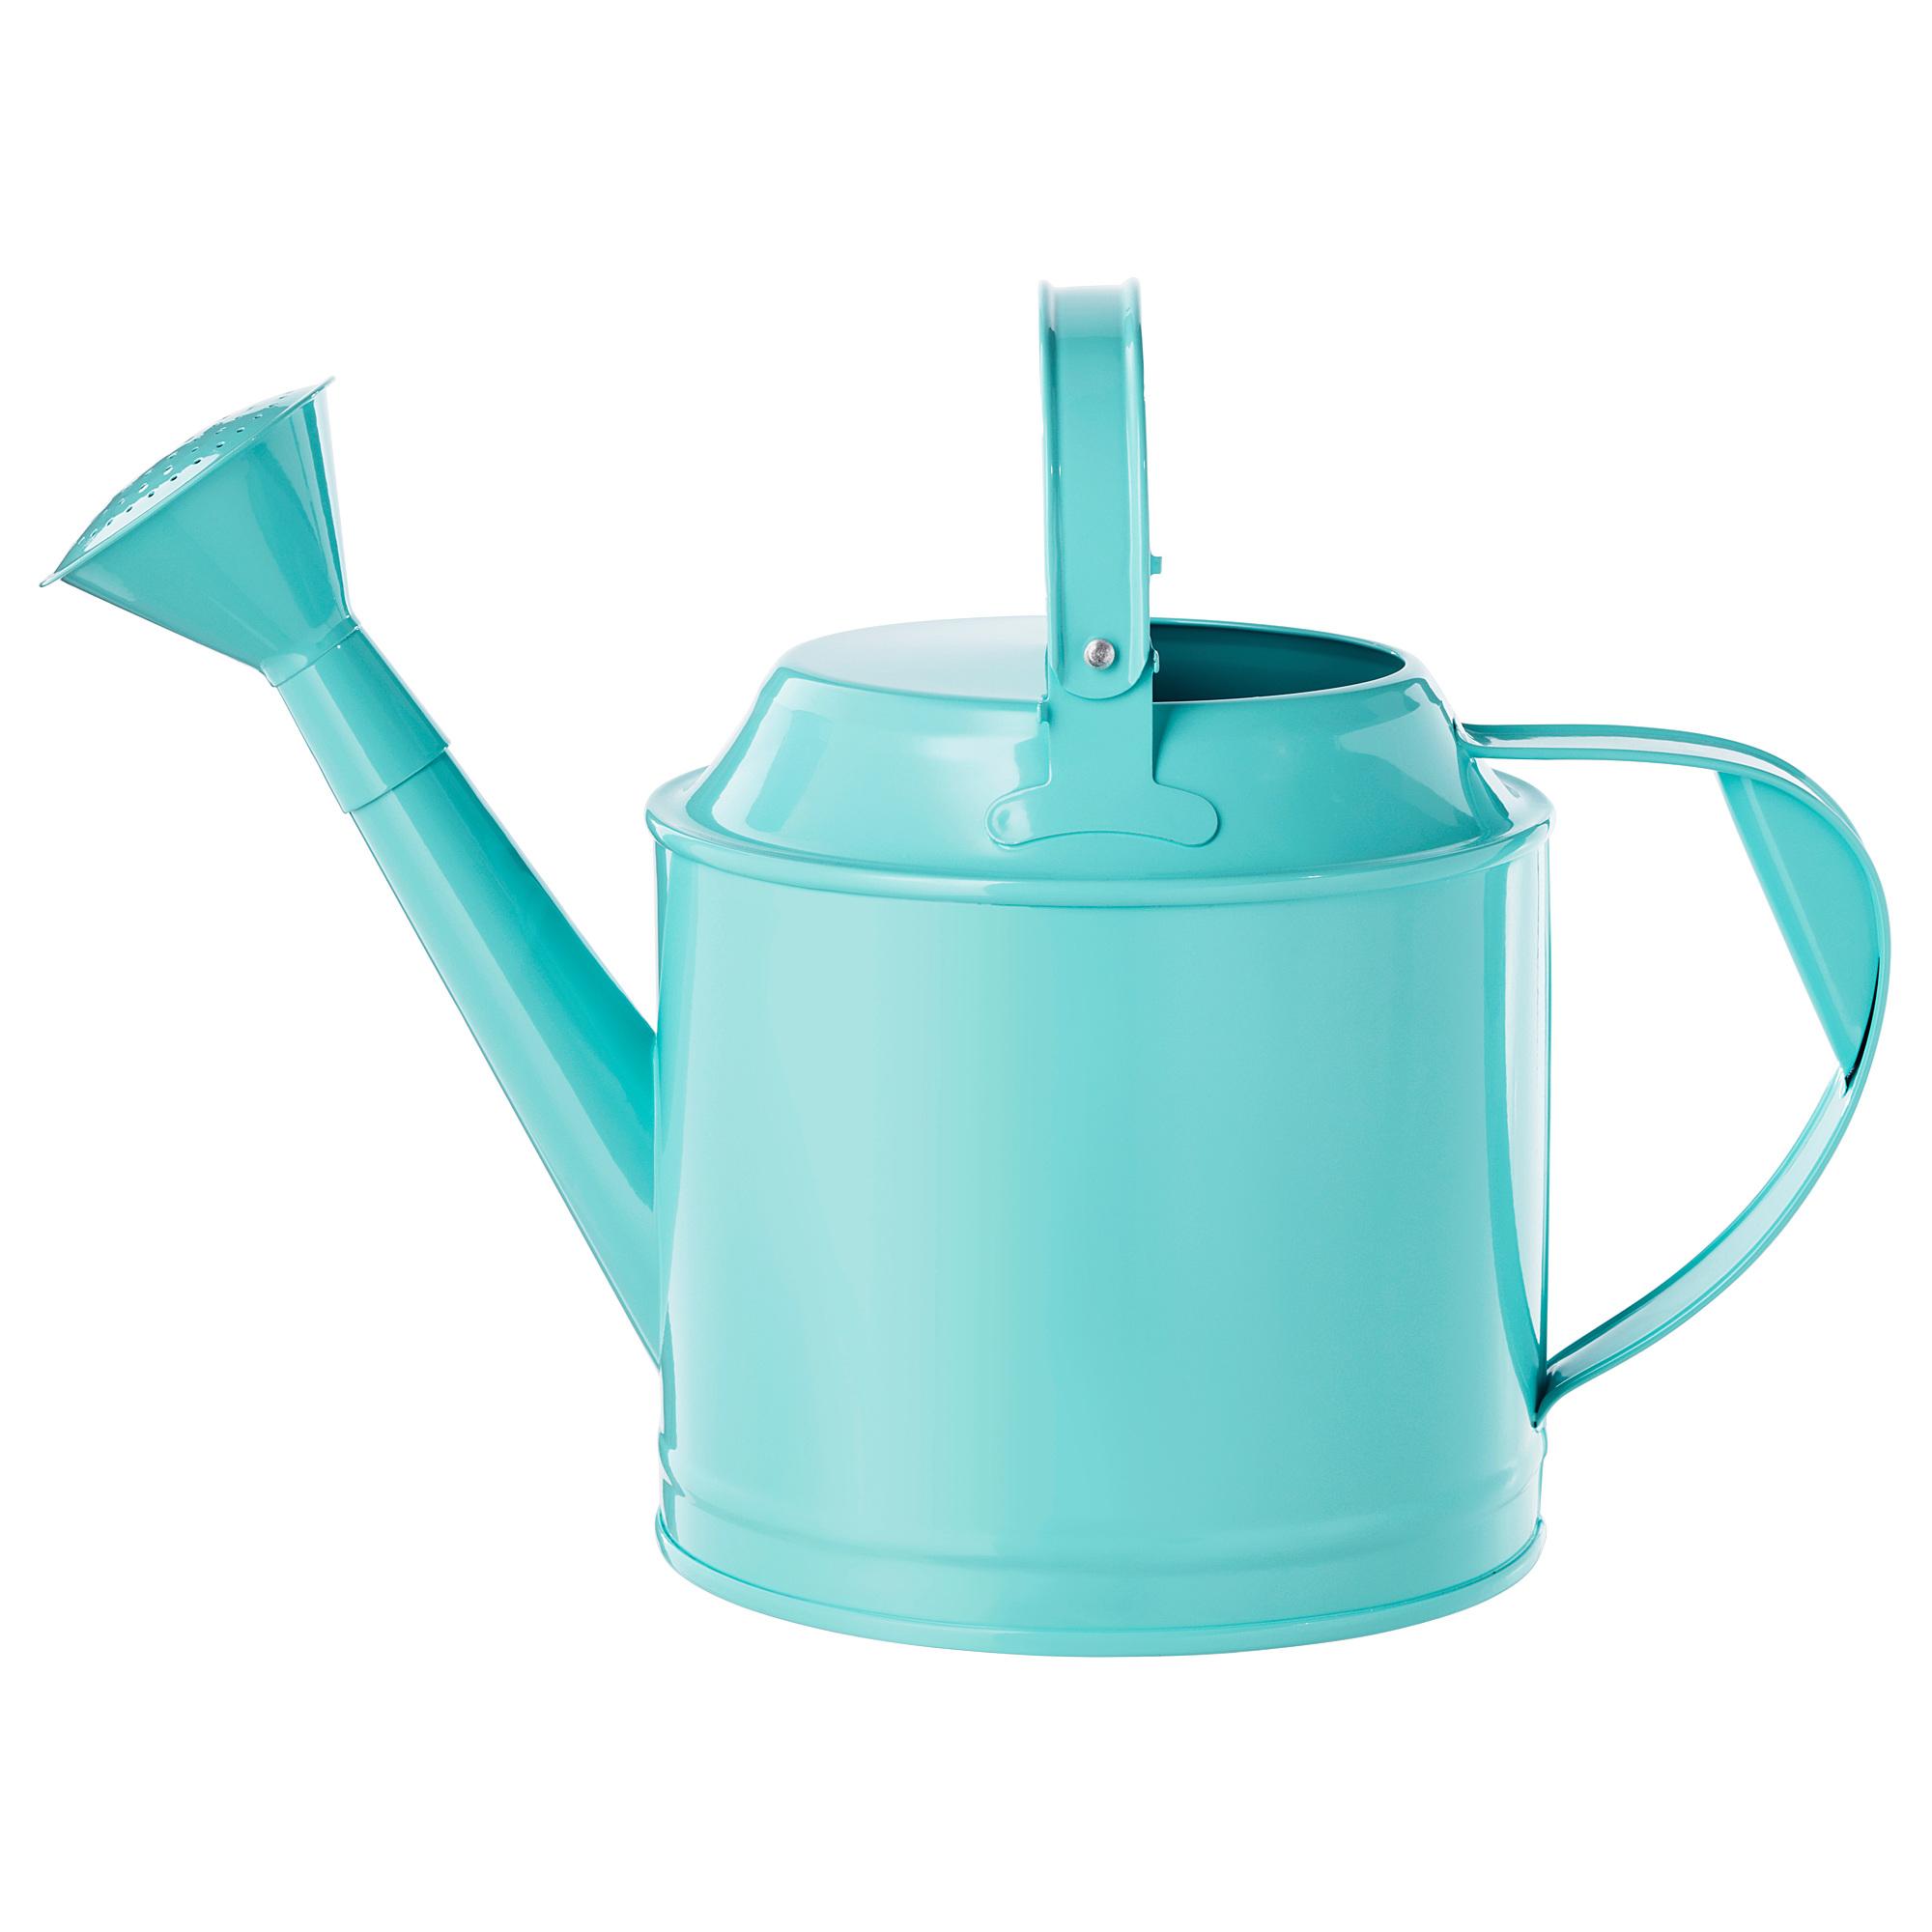 2000x2000 Download Cute Watering Can Socker Ikea Cute